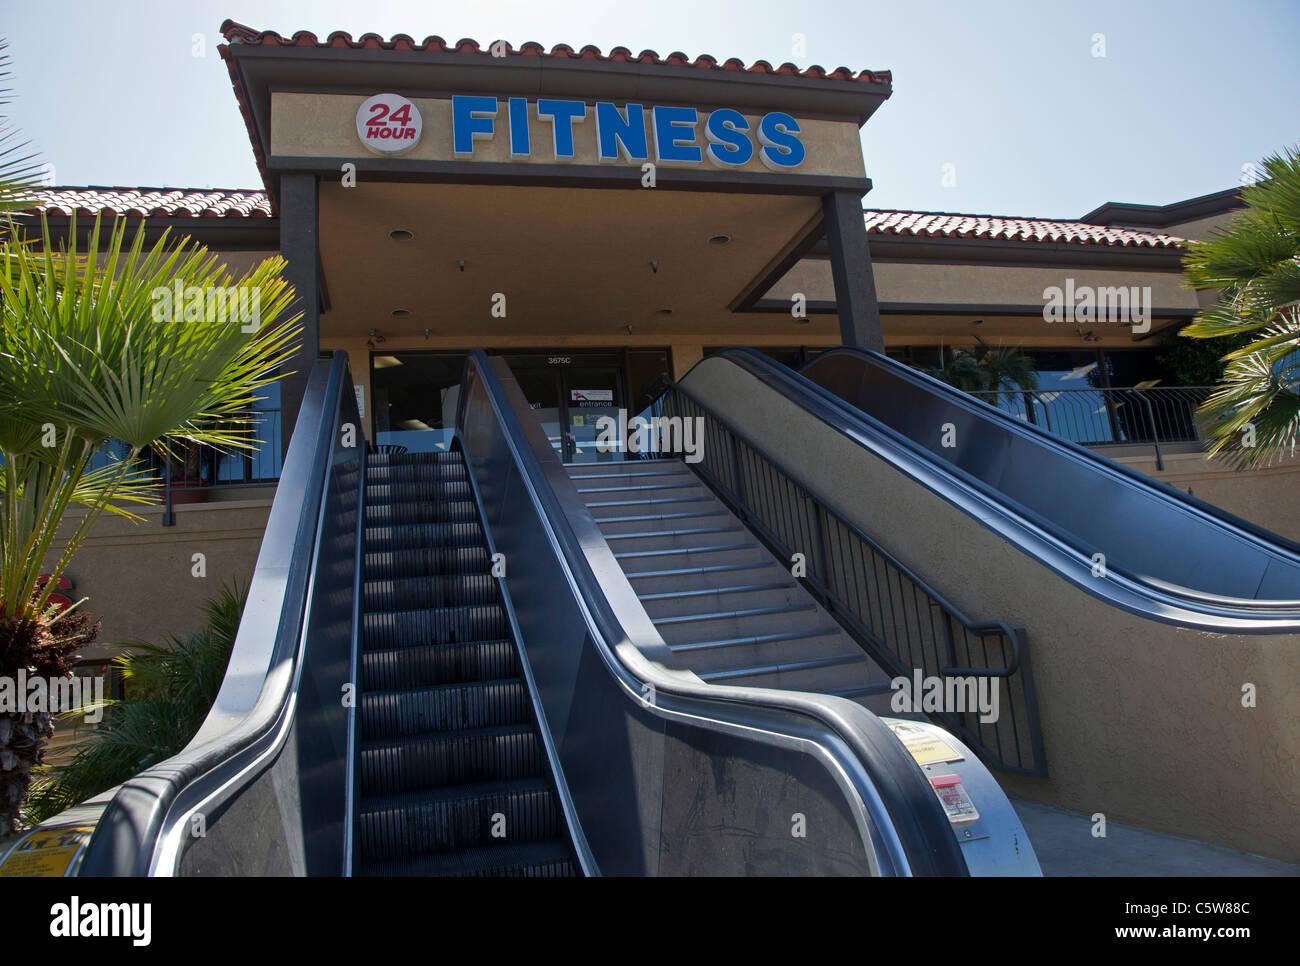 San Diego, California - Centro de fitness 24 horas con escaleras mecánicas. Imagen De Stock